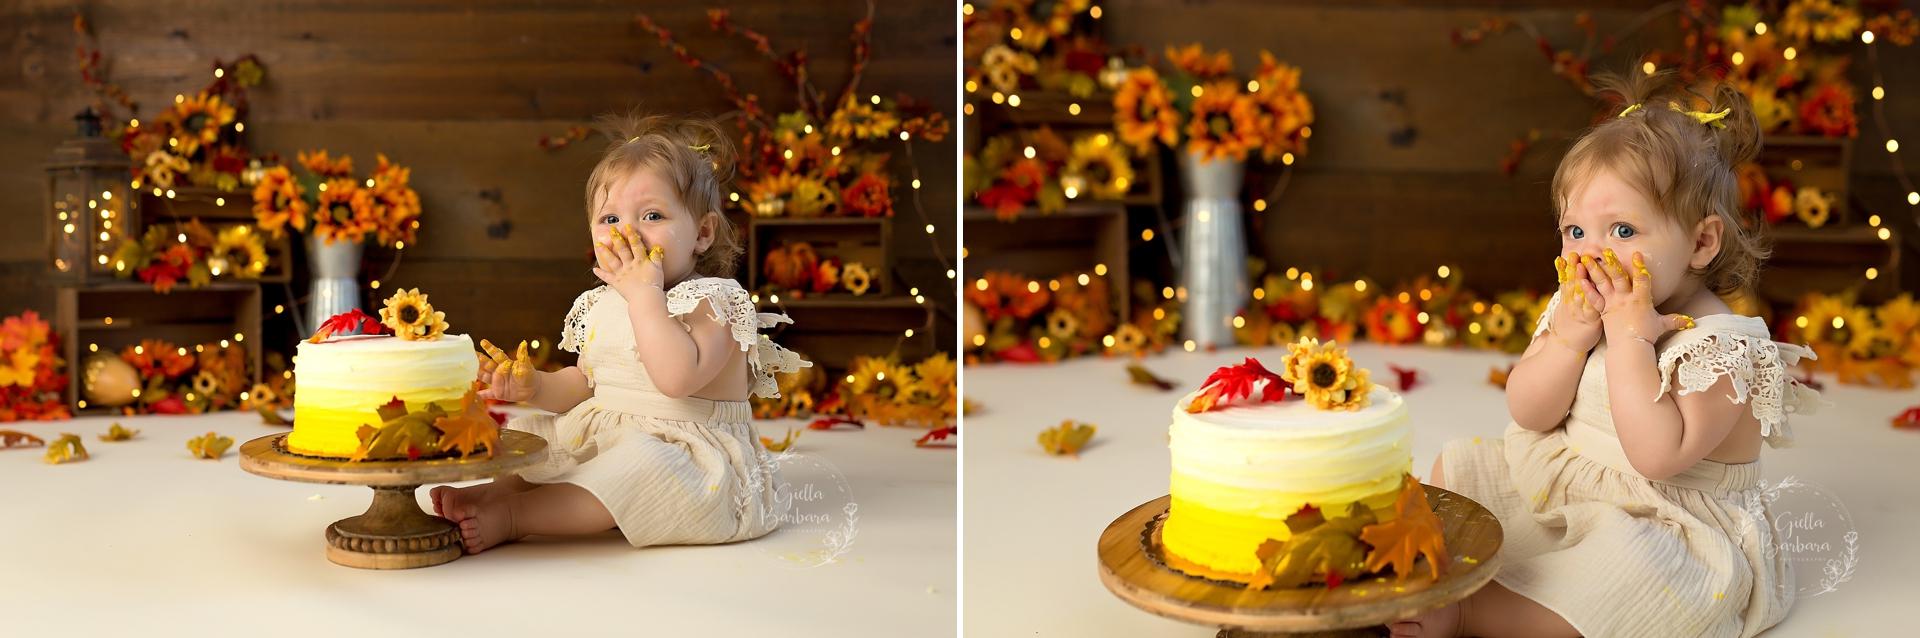 Fall Cake Smash Photography